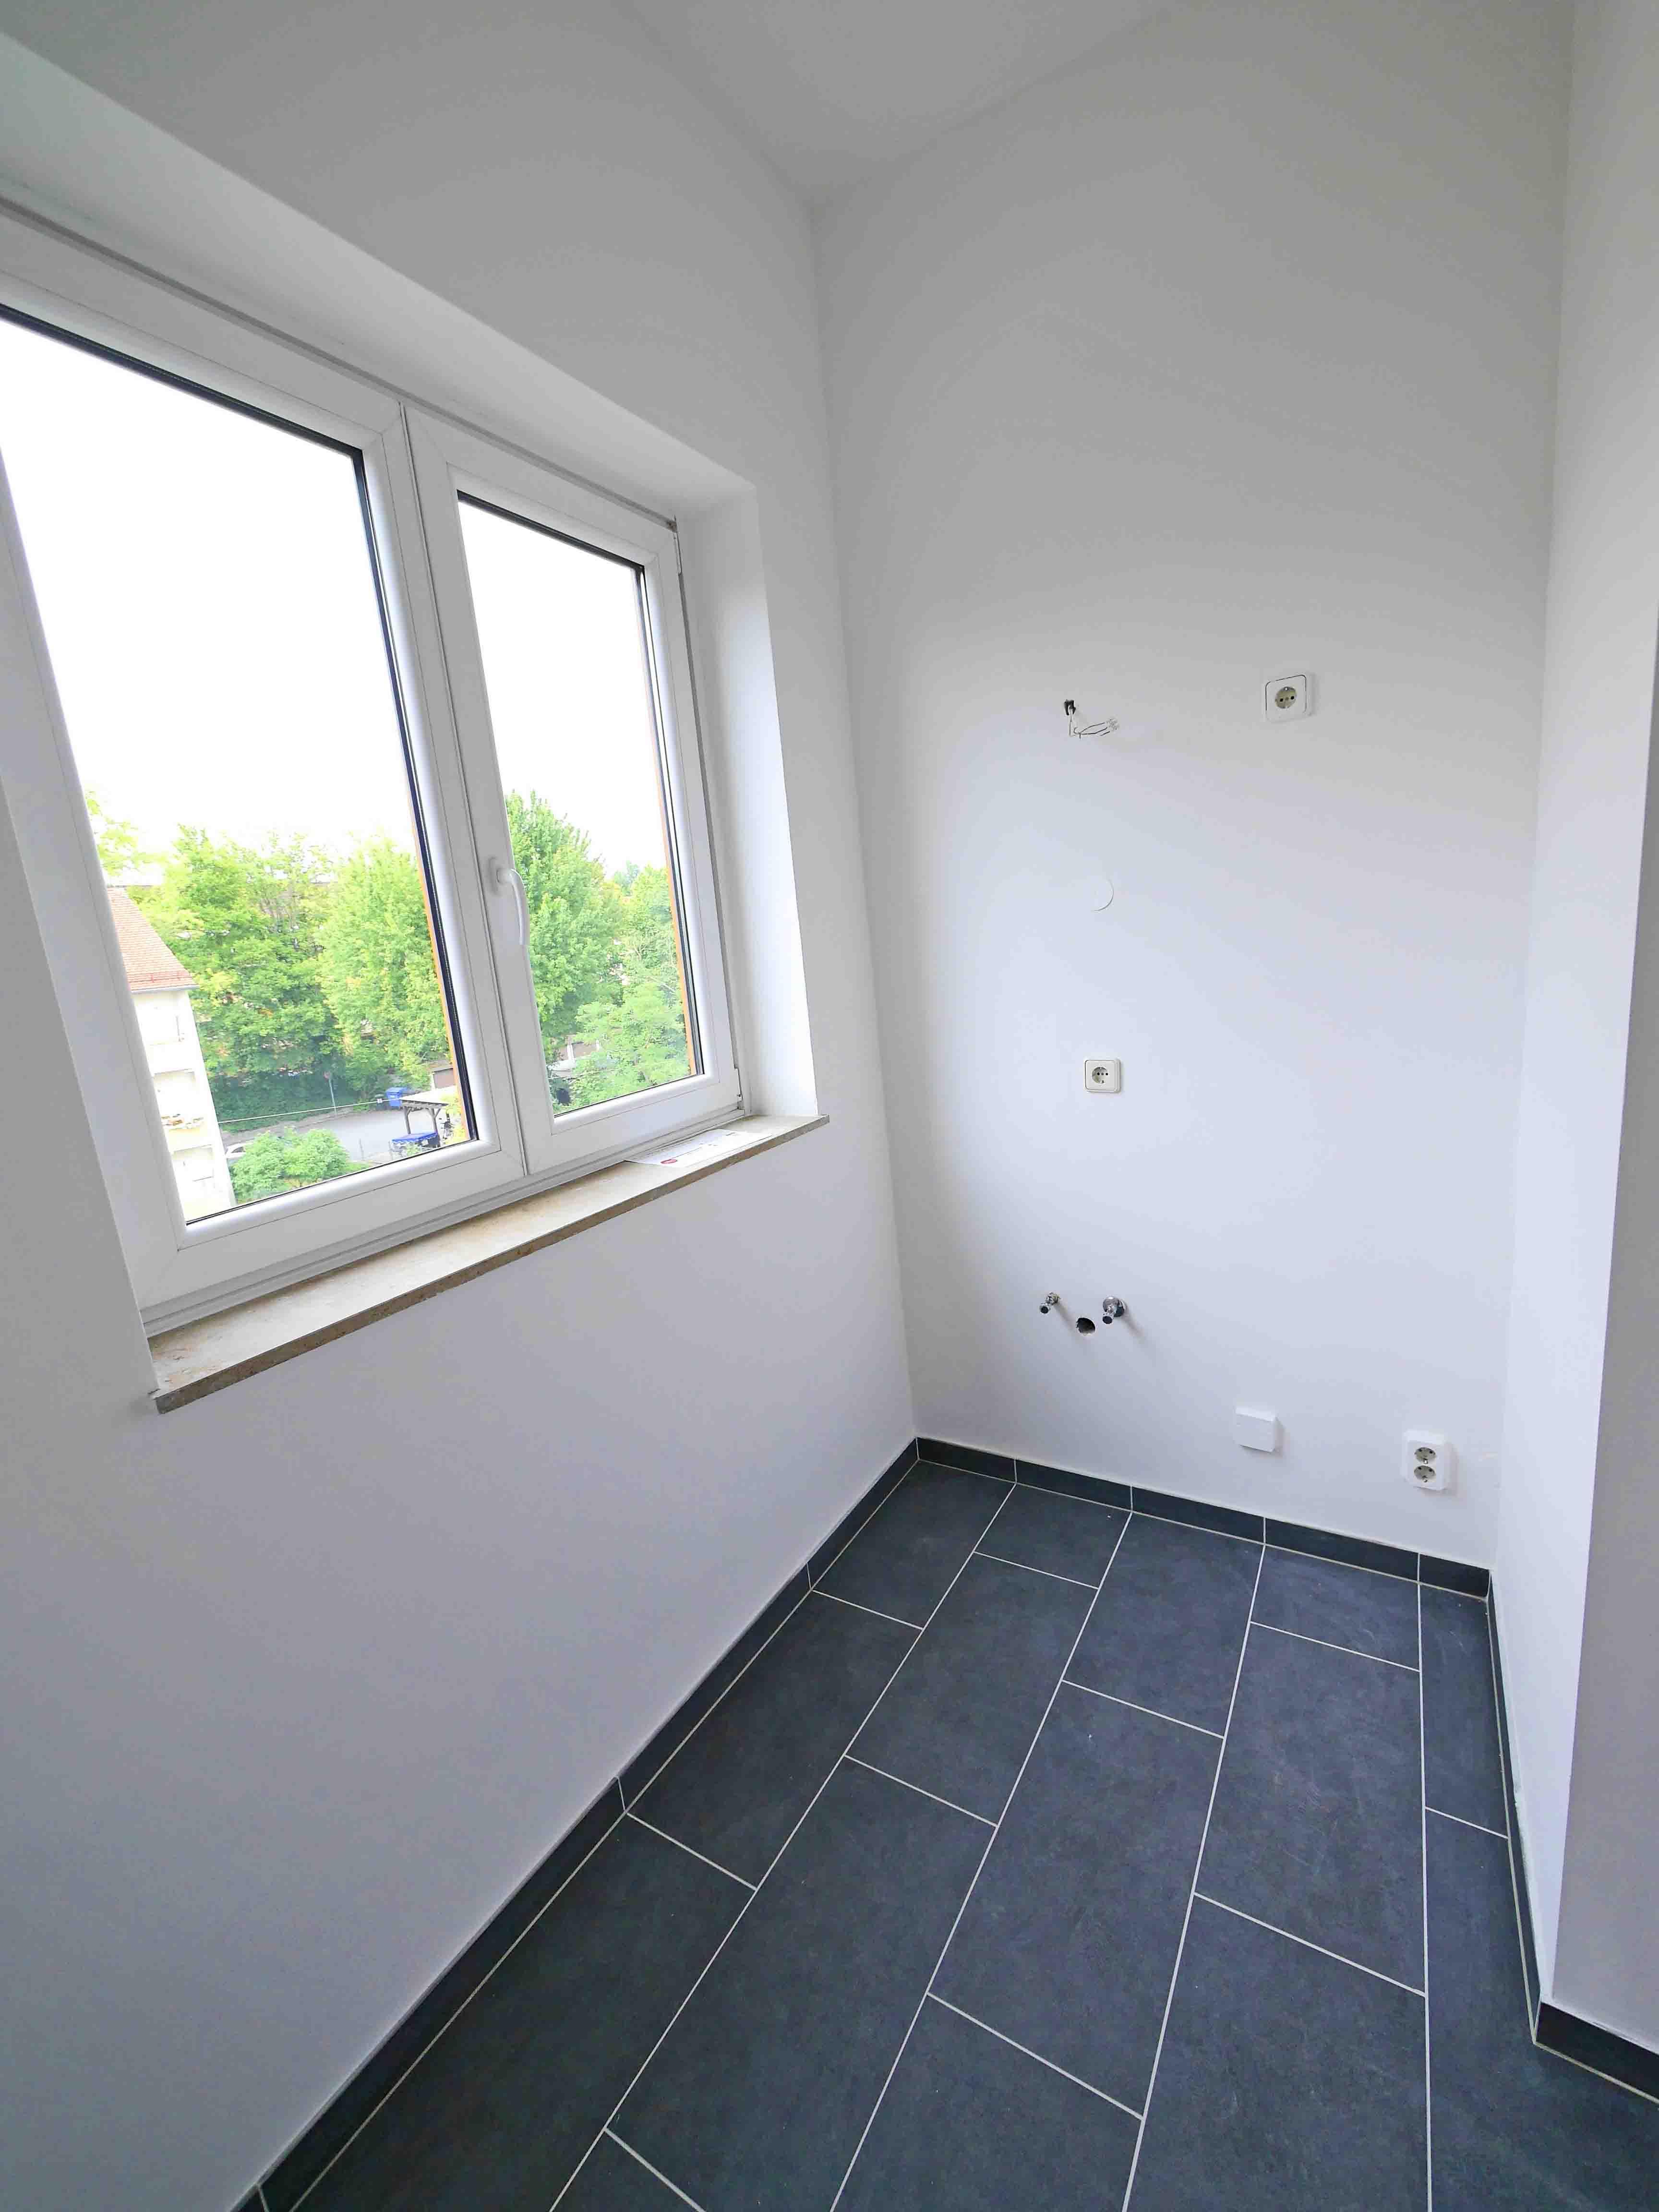 verkauft ein traum im dach penthouse mit balkon und dachterrasse der ausblick traumhaft. Black Bedroom Furniture Sets. Home Design Ideas